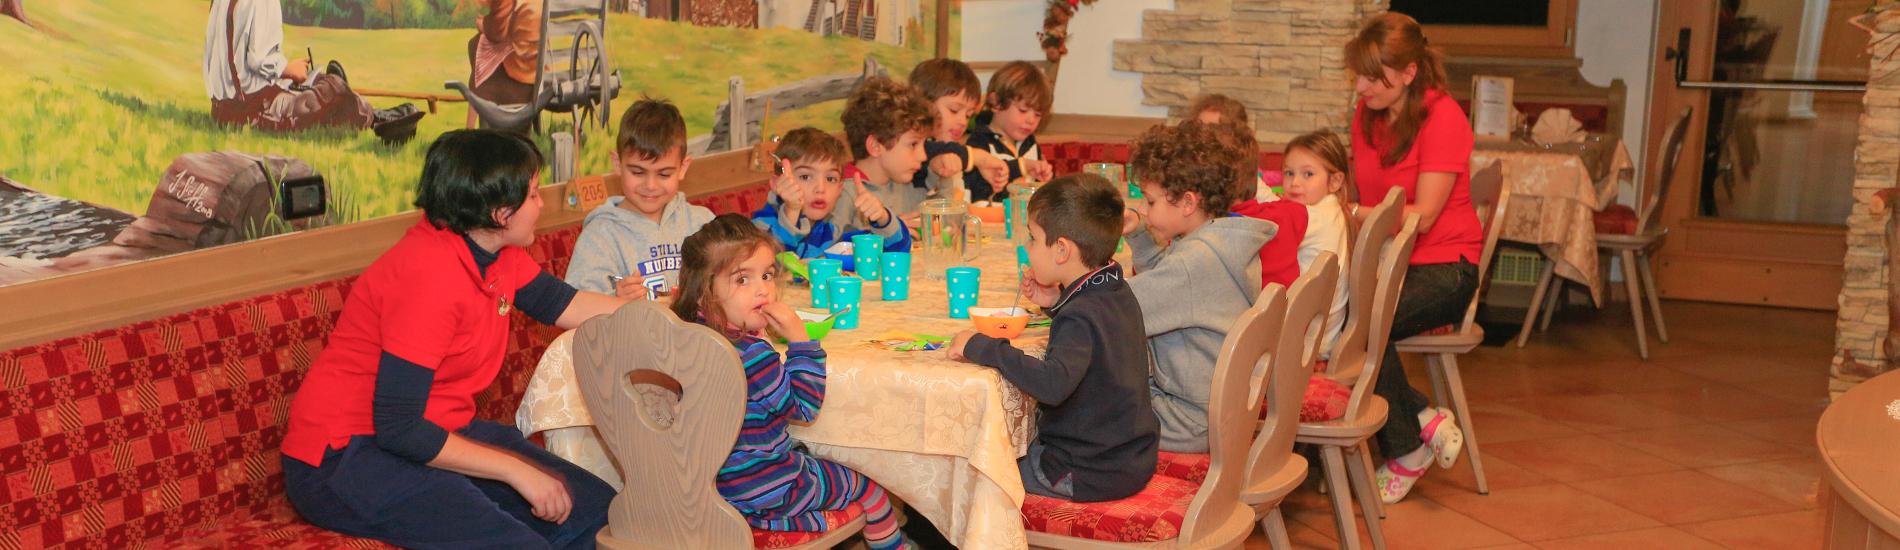 Hotel in Trentino con Menu per Bambini